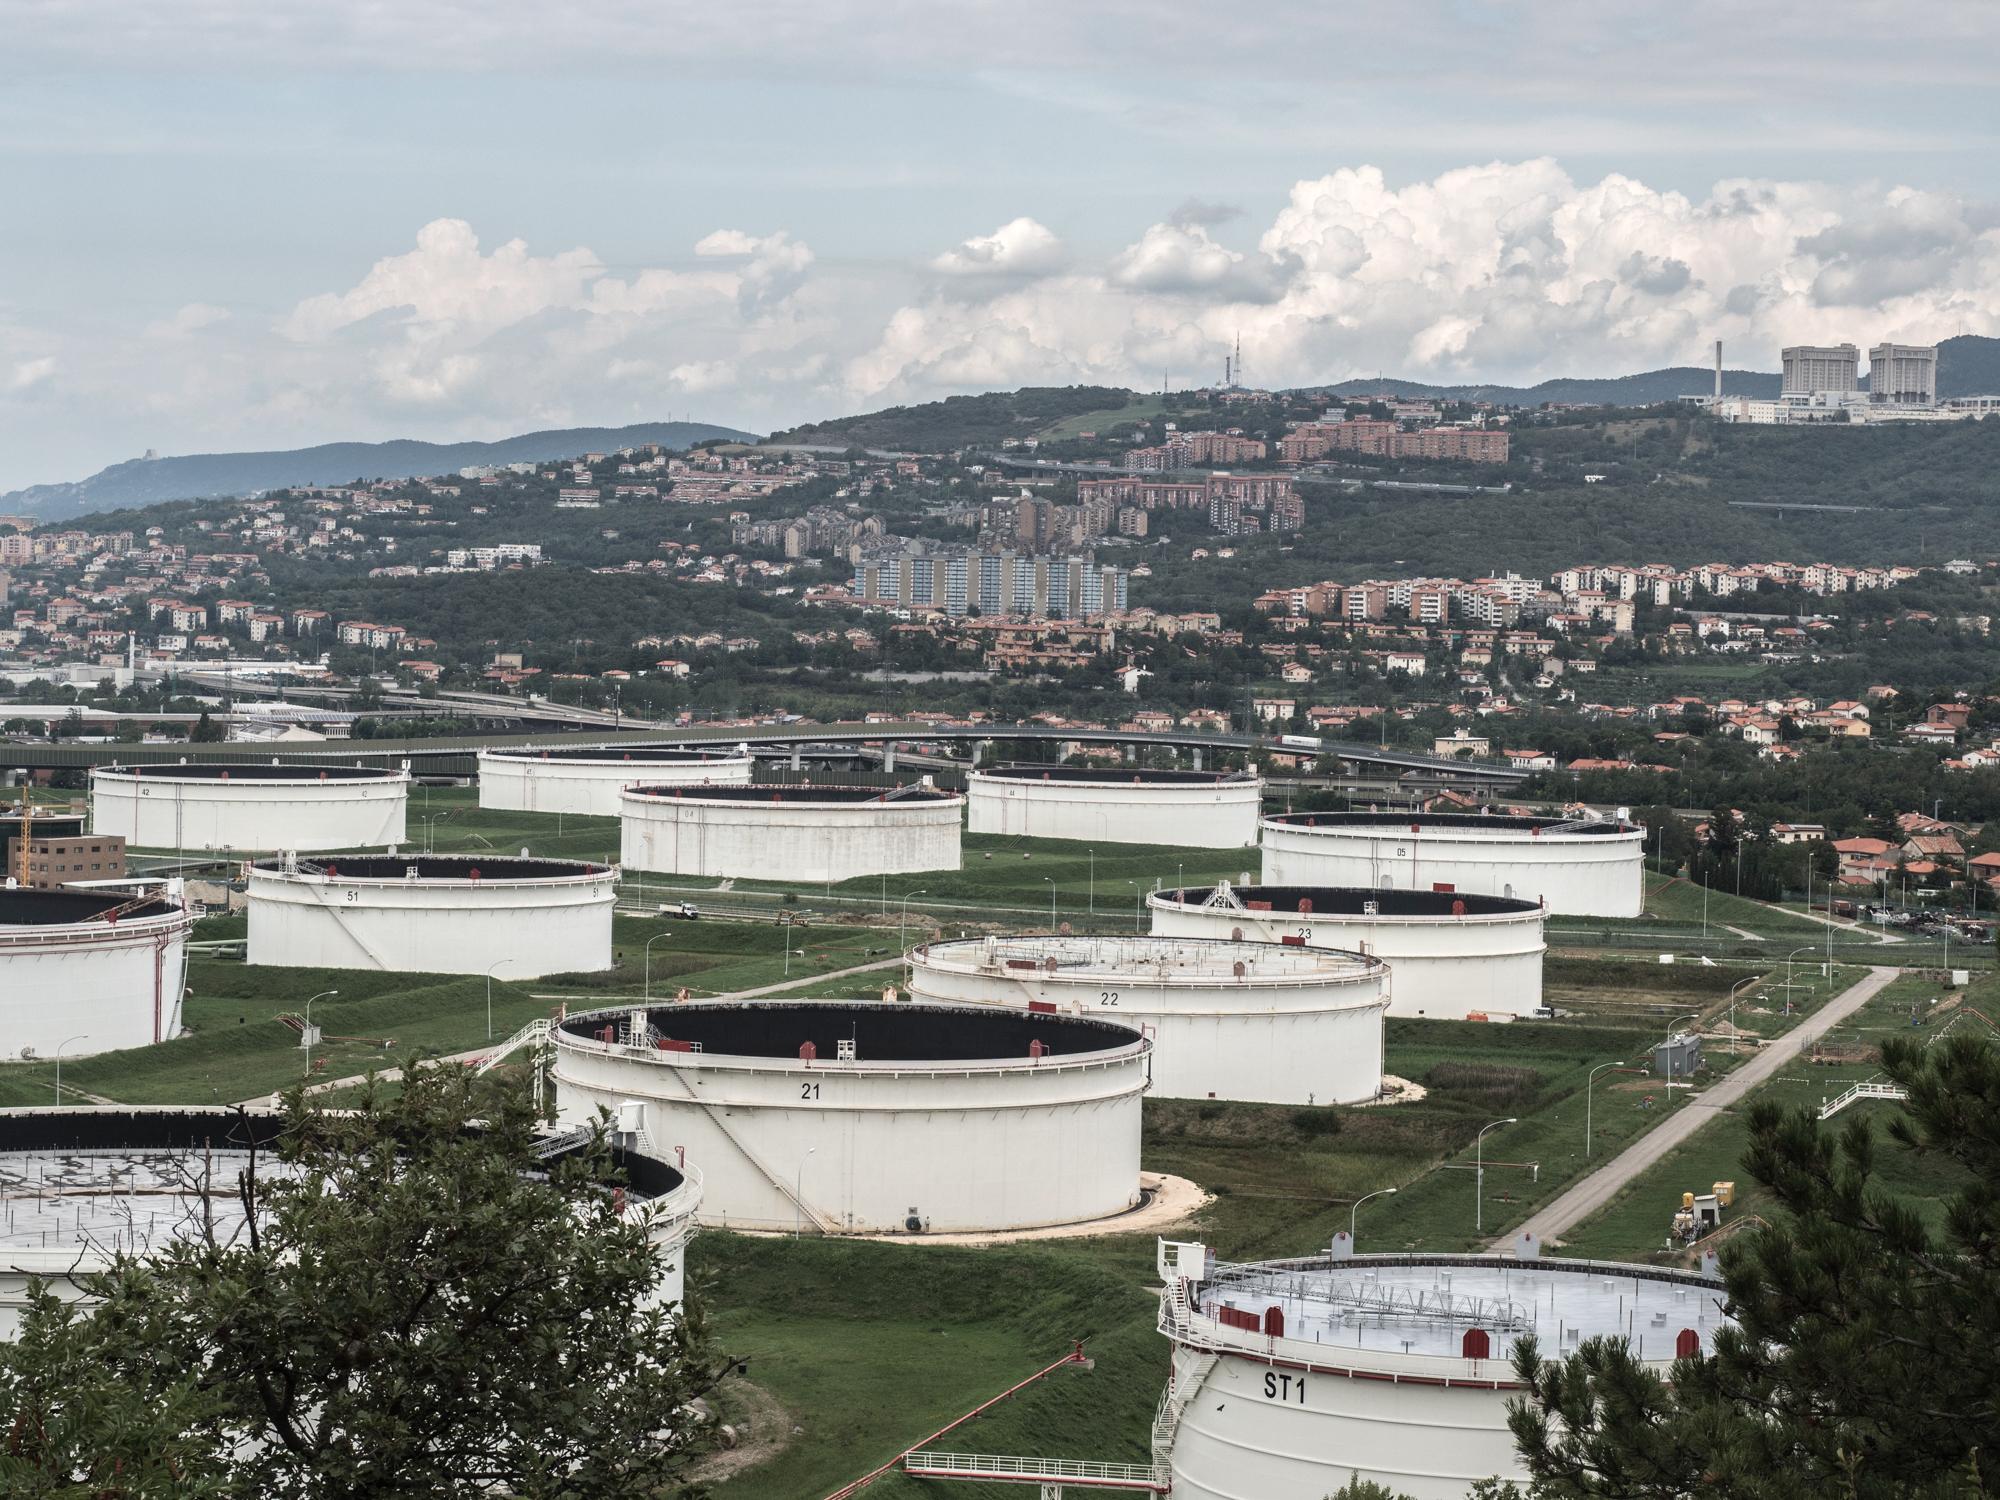 """Nel territorio del Comune di San Dorligo della Valle, il Parco Serbatoi, adibito alle operazioni di stoccaggio e movimentazione del petrolio greggio, ha richiesto l'esproprio di un chilometro quadrato di terreno fertile, e procurato continue esalazioni di greggio provenienti dall'enorme area che occupa la parte Sud/Est della Zona Industriale di Trieste, 2015. L'estrema vulnerabilità del terminale è stata già dimostrata dal grave e spettacolare attentato del 4 agosto del 1972 ad opera di """"Settembre Nero"""", movimento terrorista palestinese. Le conseguenze furono gravissime ma vennero tenute nascoste per non mettere in discussione l'esistenza stessa dell'impianto. Il petrolio bruciò per giorni e i migliaia di metri cubi di greggio fuoriusciti dai depositi contaminarono diffusamente i terreni (anche agricoli) e la falda della valle di Zaule. Nel 2007 il Ministero dell'Ambiente ha deciso di inserire la SIOT con il suo parco serbatoi nel SIN di Trieste a causa del pesante inquinamento esistente e a seguito di altri due gravi incidenti con fuoriuscita di greggio, avvenuti tra l'agosto del 2006 e il gennaio del 2007. Trieste 2015."""